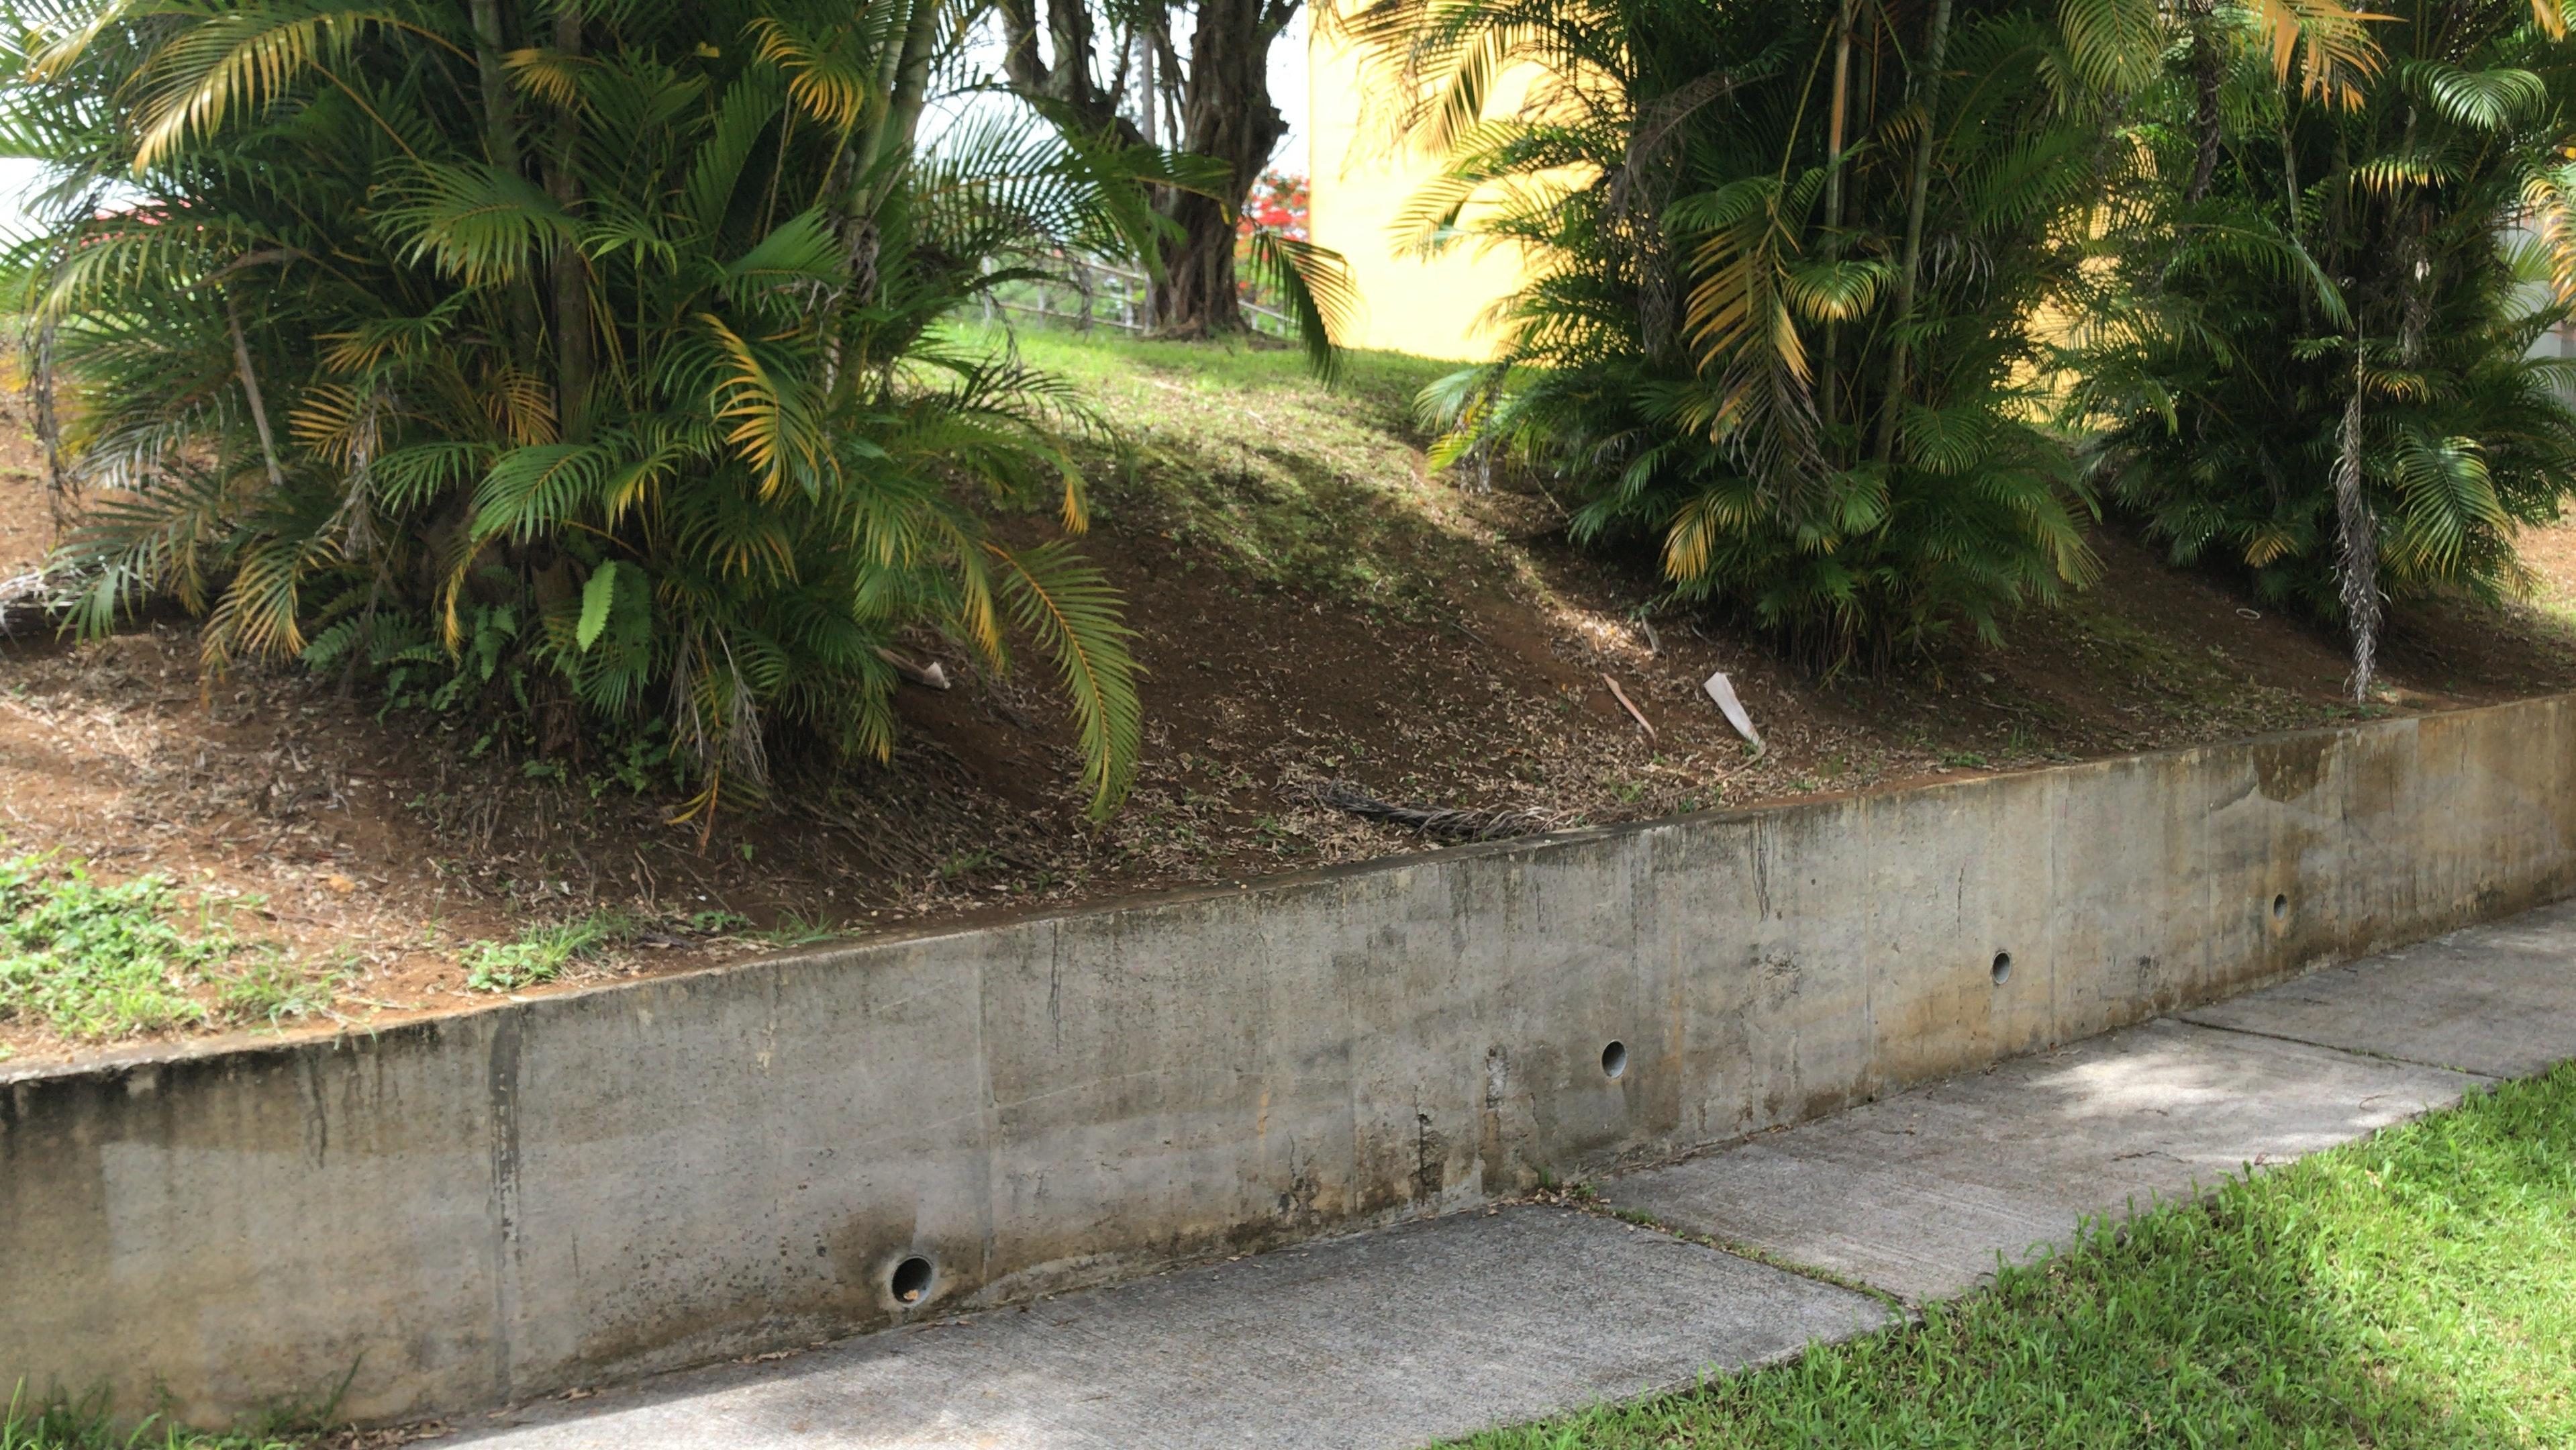 Wohnung mit 2 Schlafzimmern in Sainte Rose mit tol Ferienwohnung in Guadeloupe